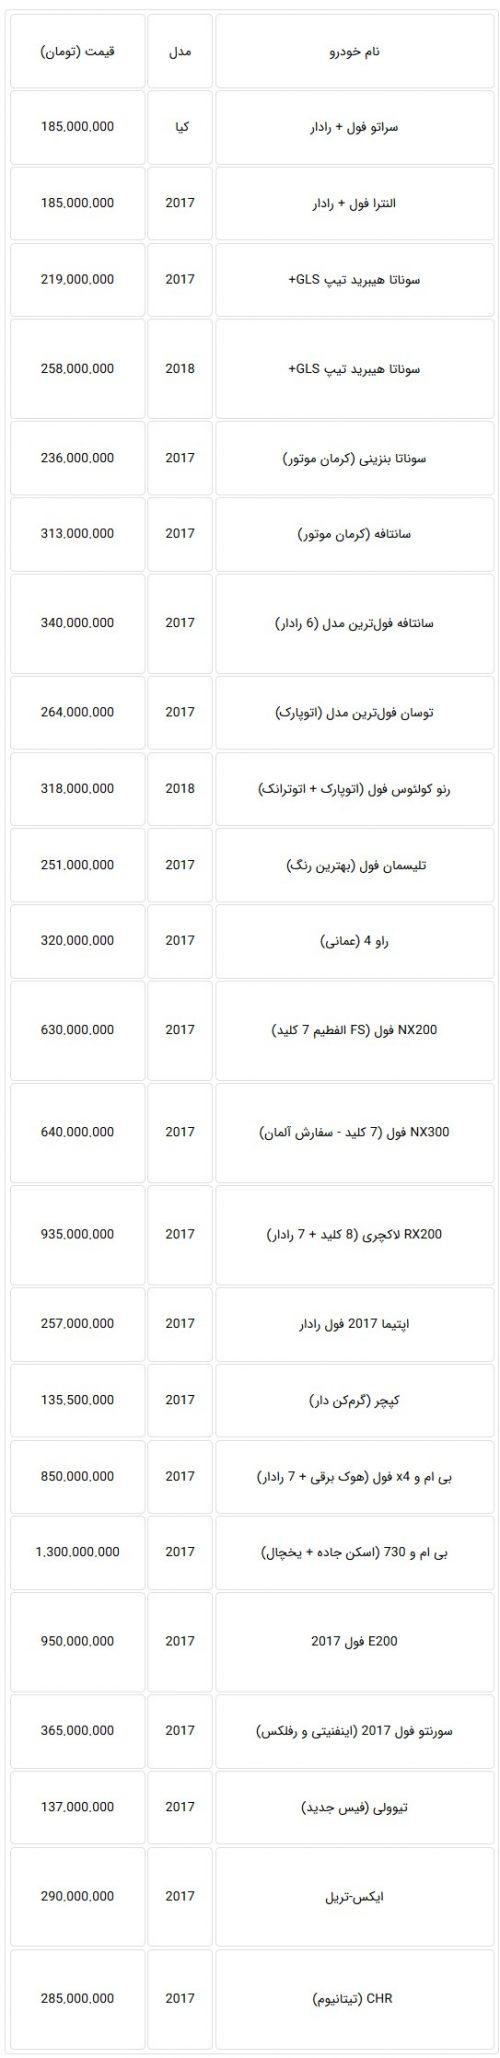 قیمت خودروهای وارداتی بهمن 96